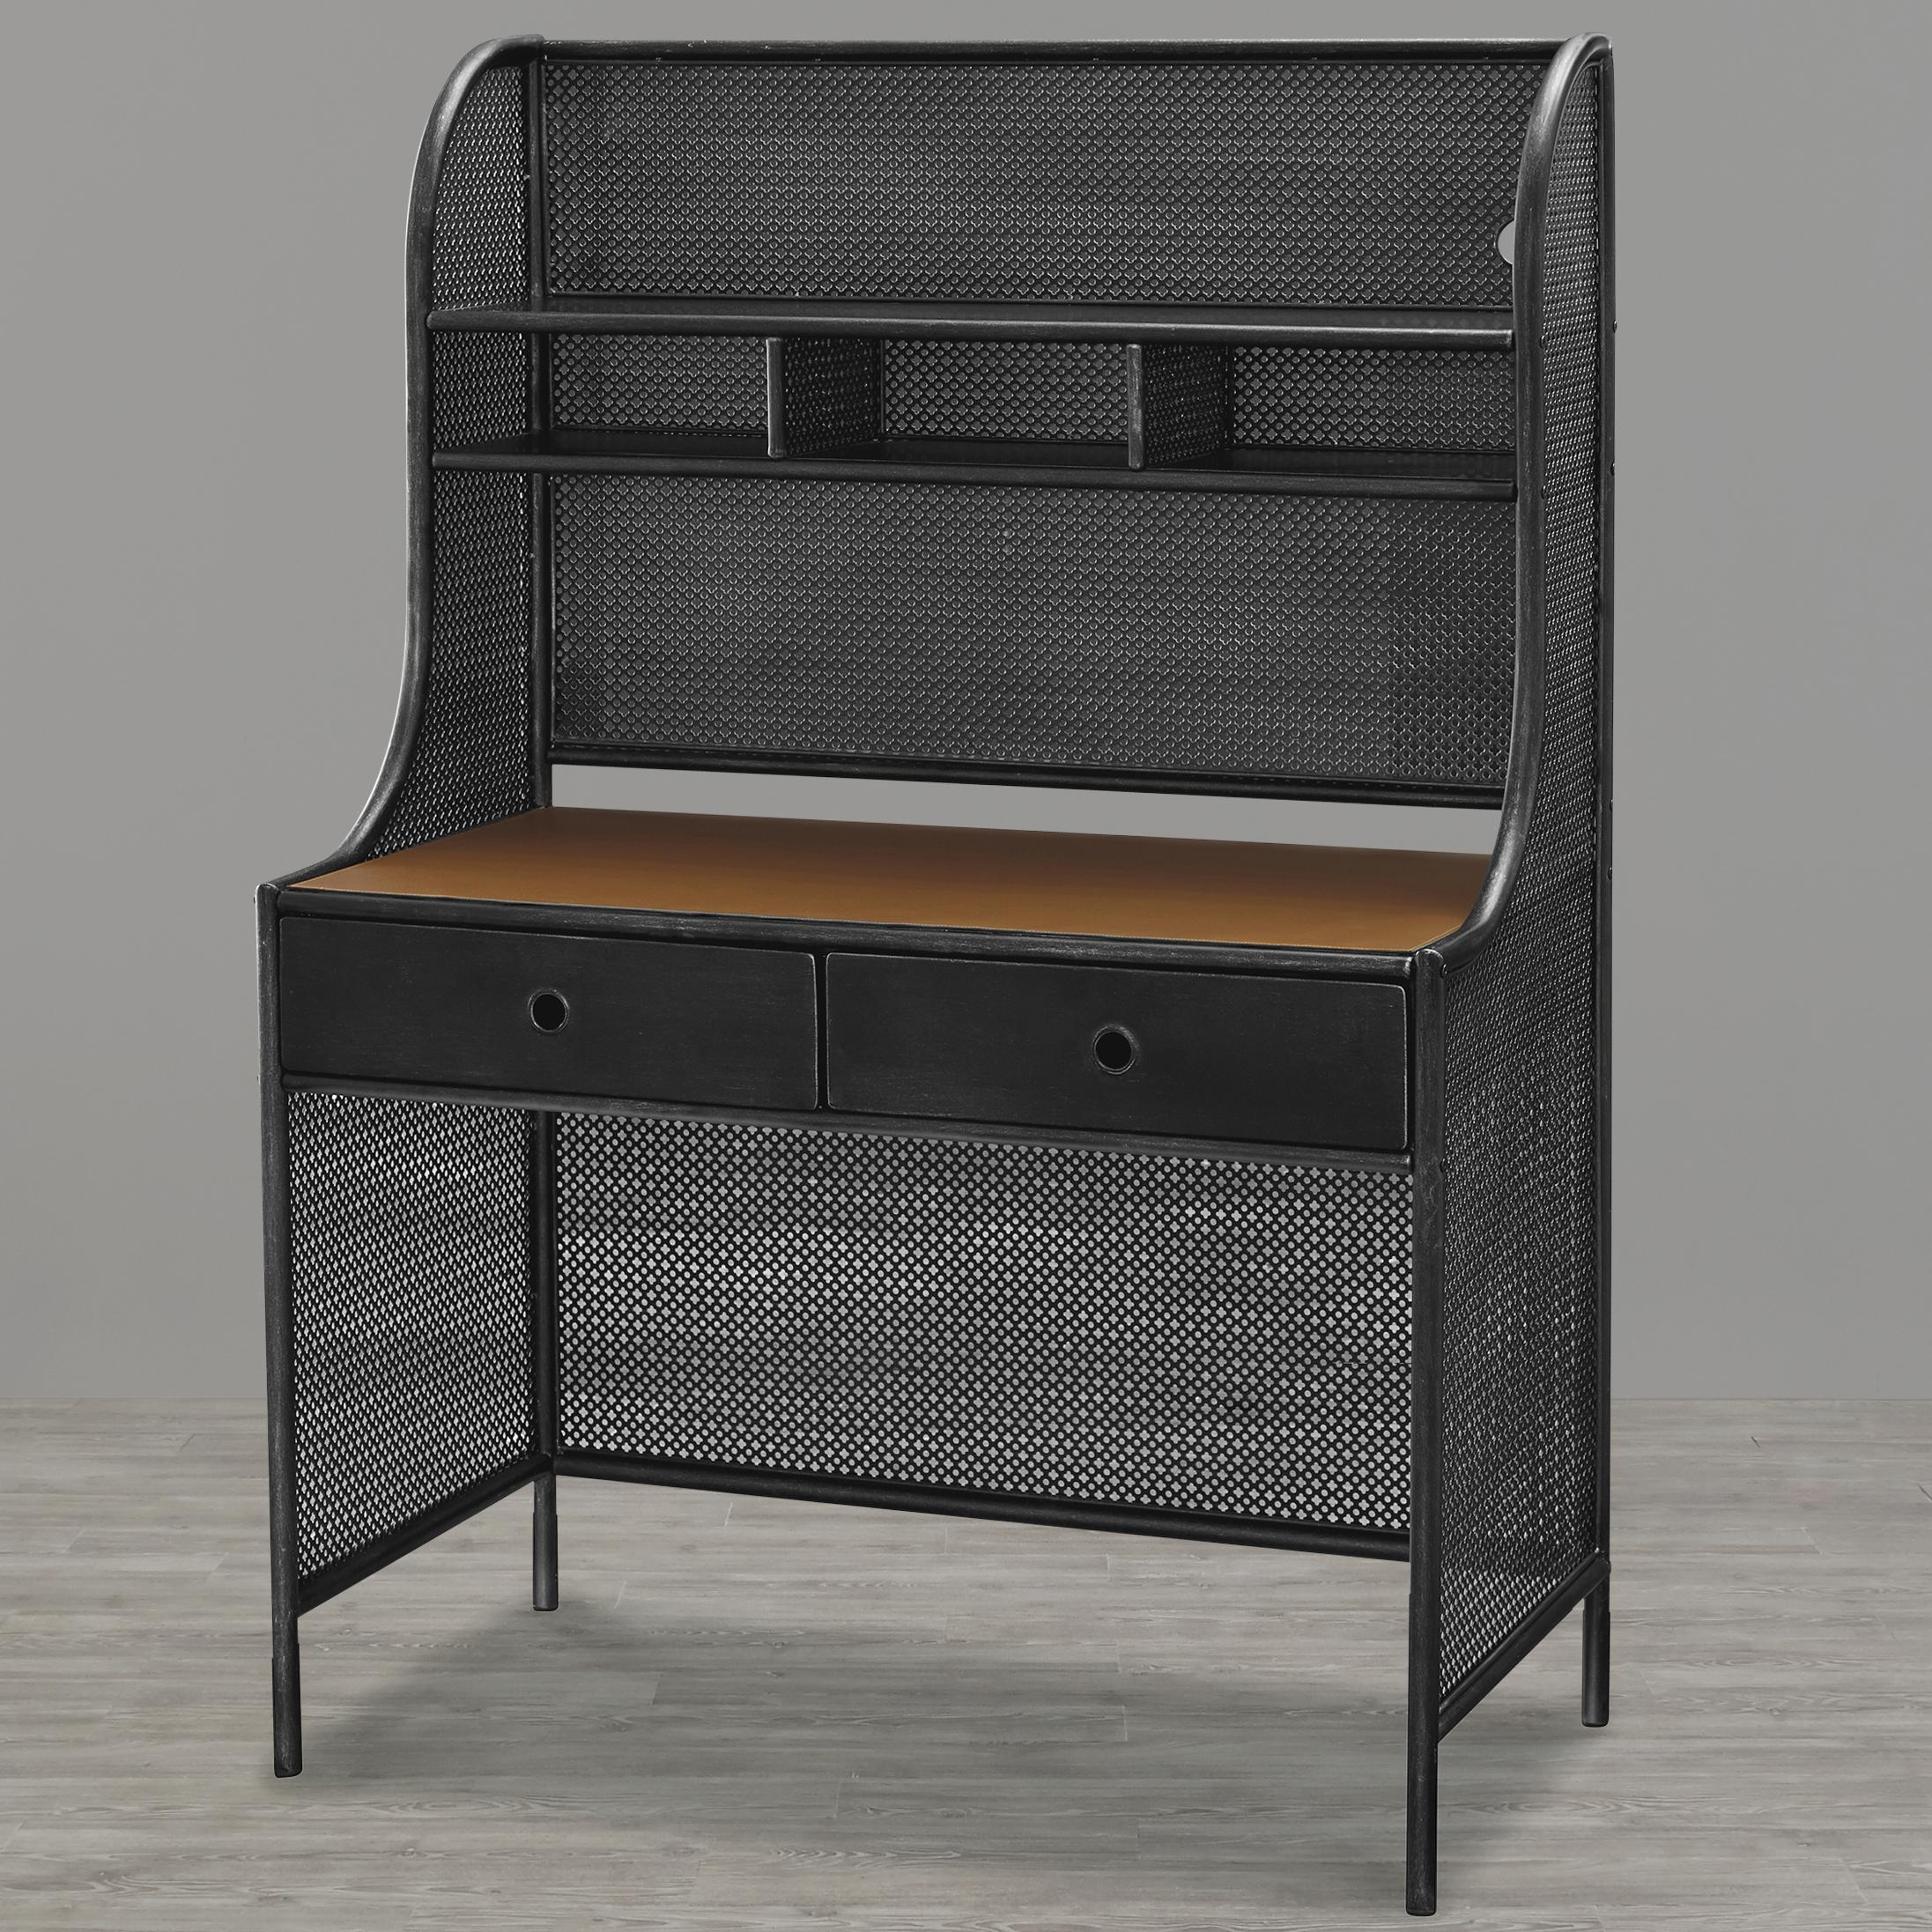 Smartstuff Black and White Desk - Item Number: 437B019